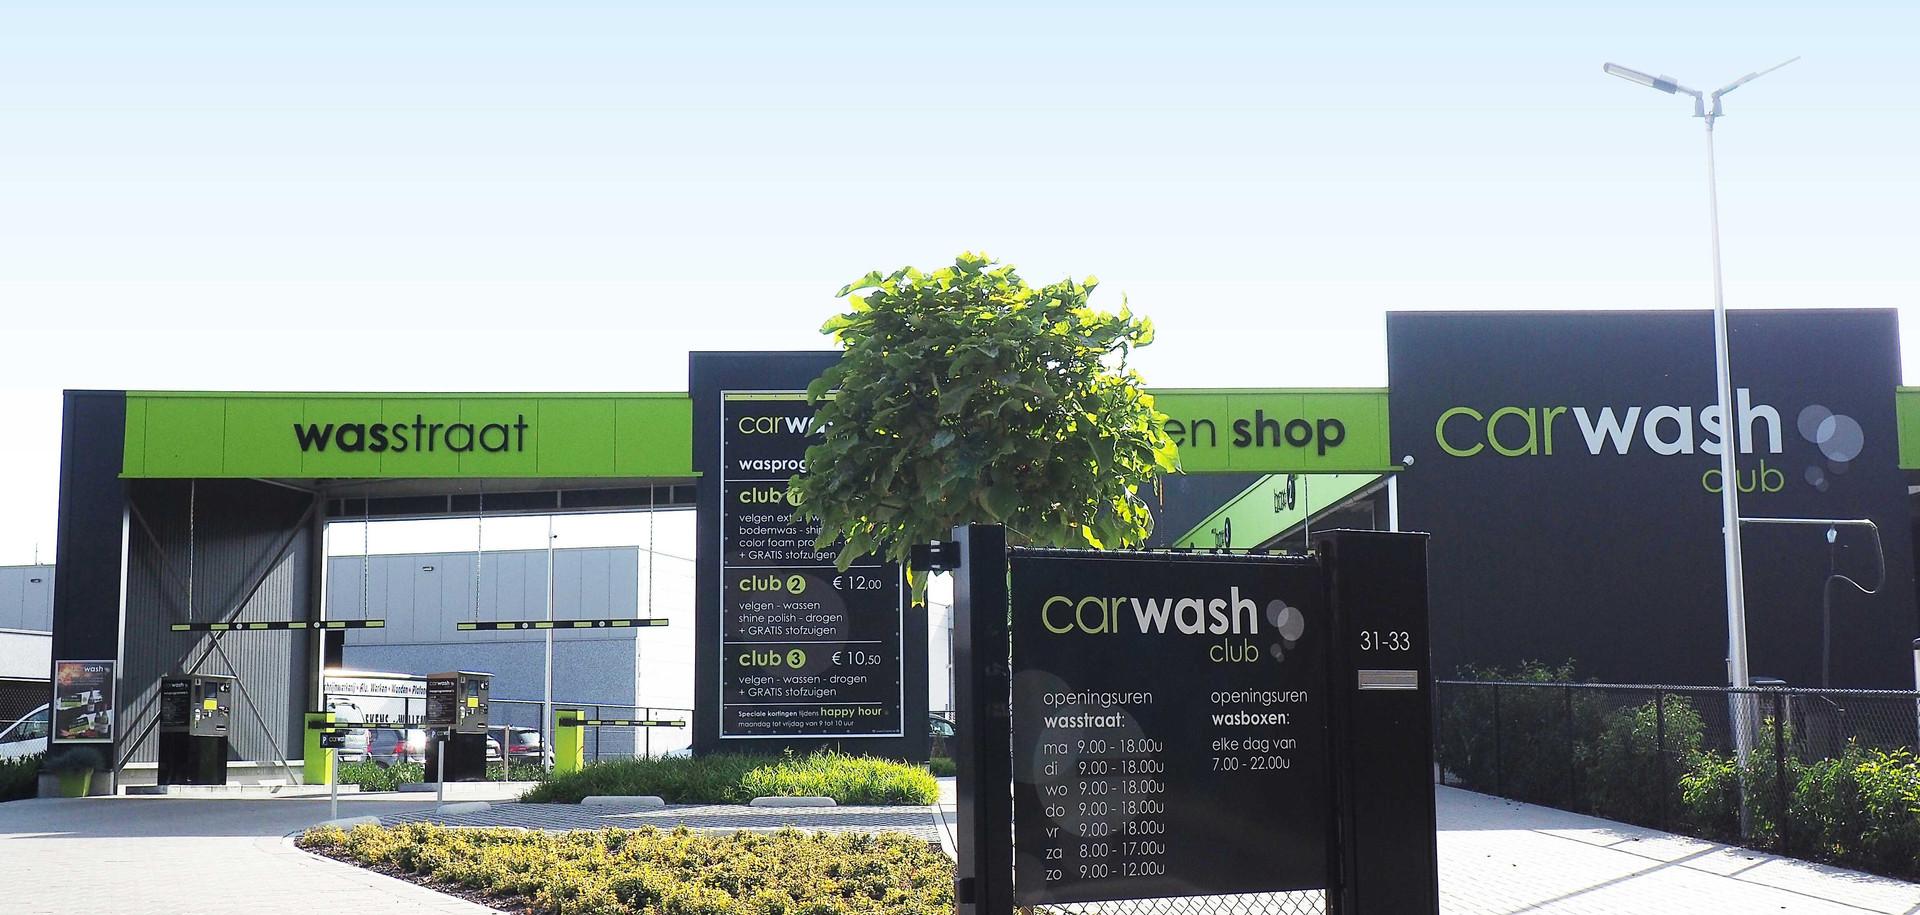 Carwash Club